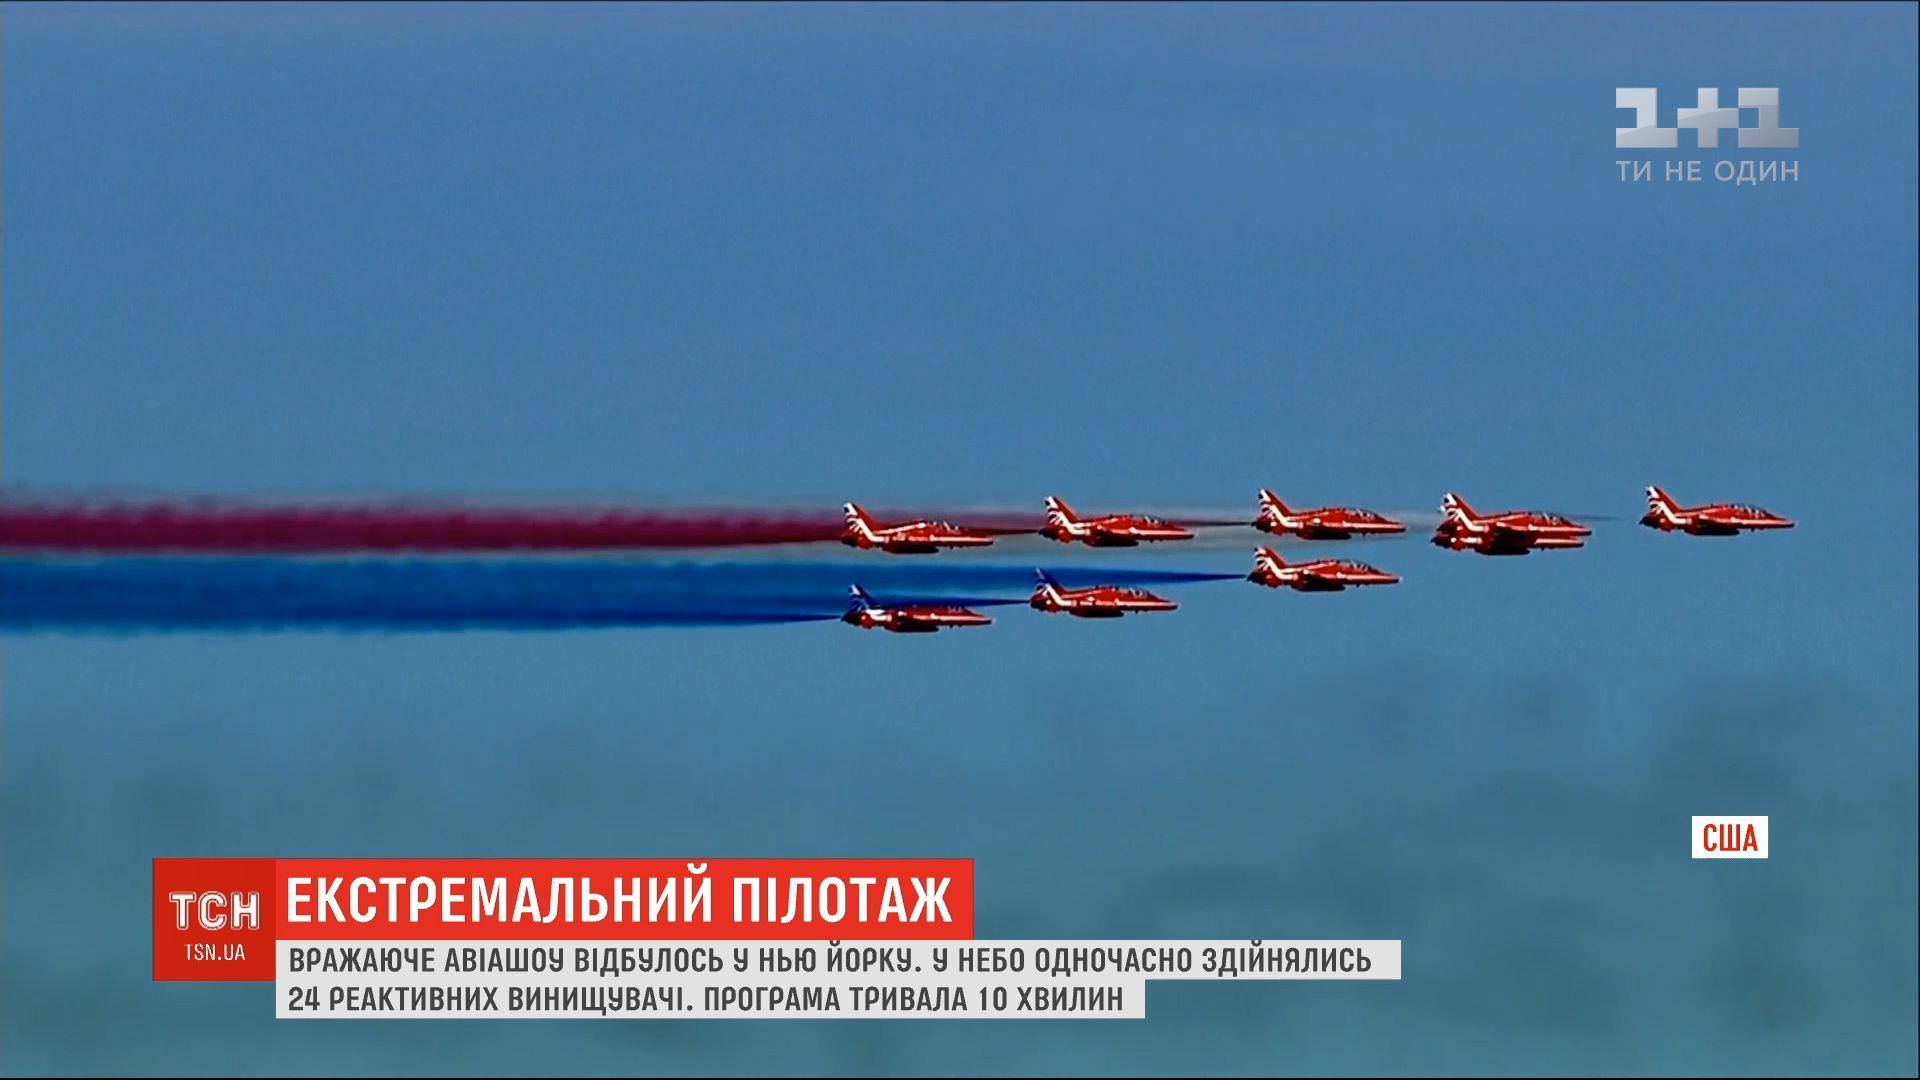 На авиашоу выступили 4 команды из военно-морских сил США / скриншот